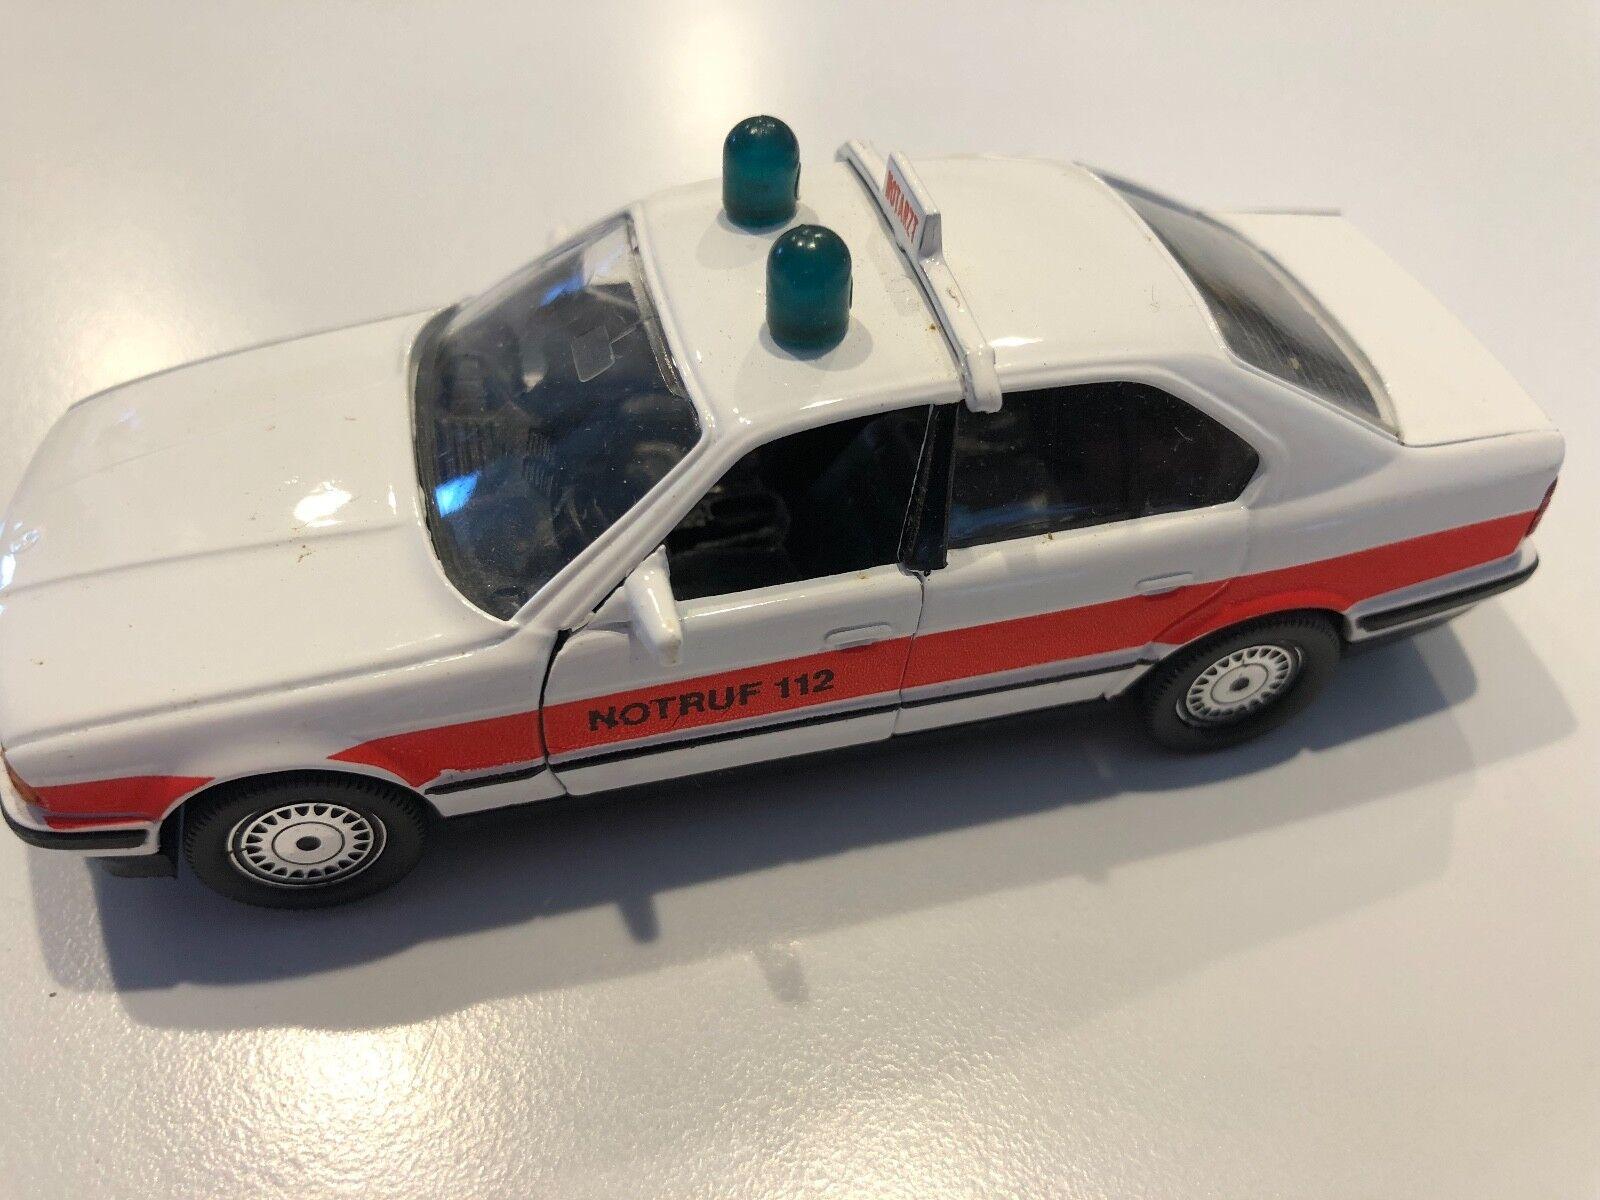 BMW 535i E34  notruff 112  biancao 1 43 escala Diecast Modelo